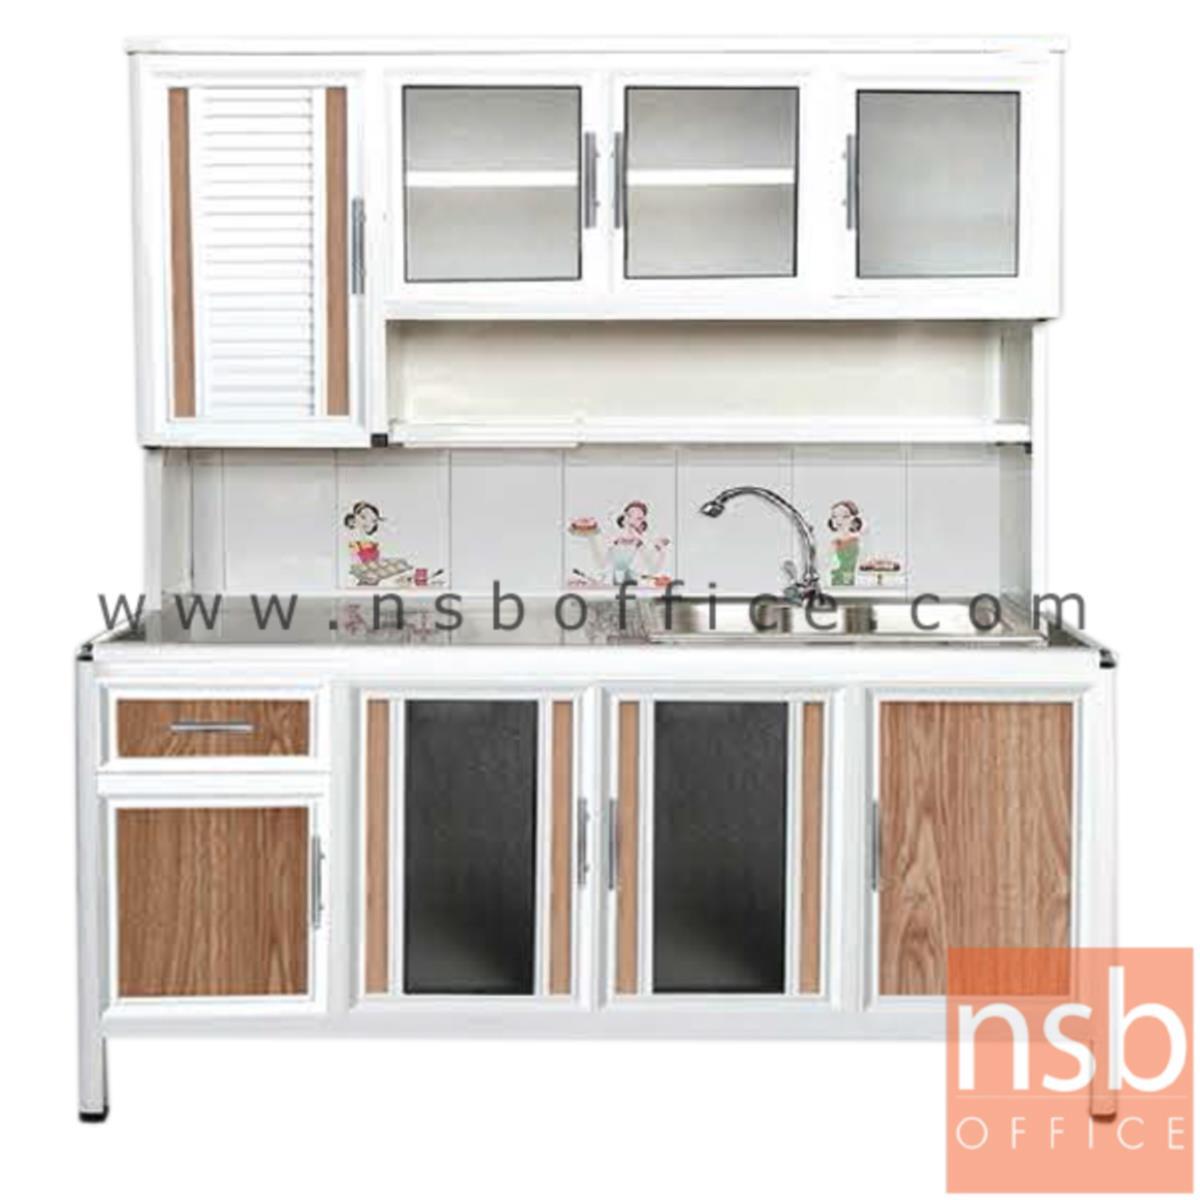 G07A124:ตู้ครัวอลูมิเนียมอ่างซิงค์ 1 หลุมลึก กว้าง 160 ซม